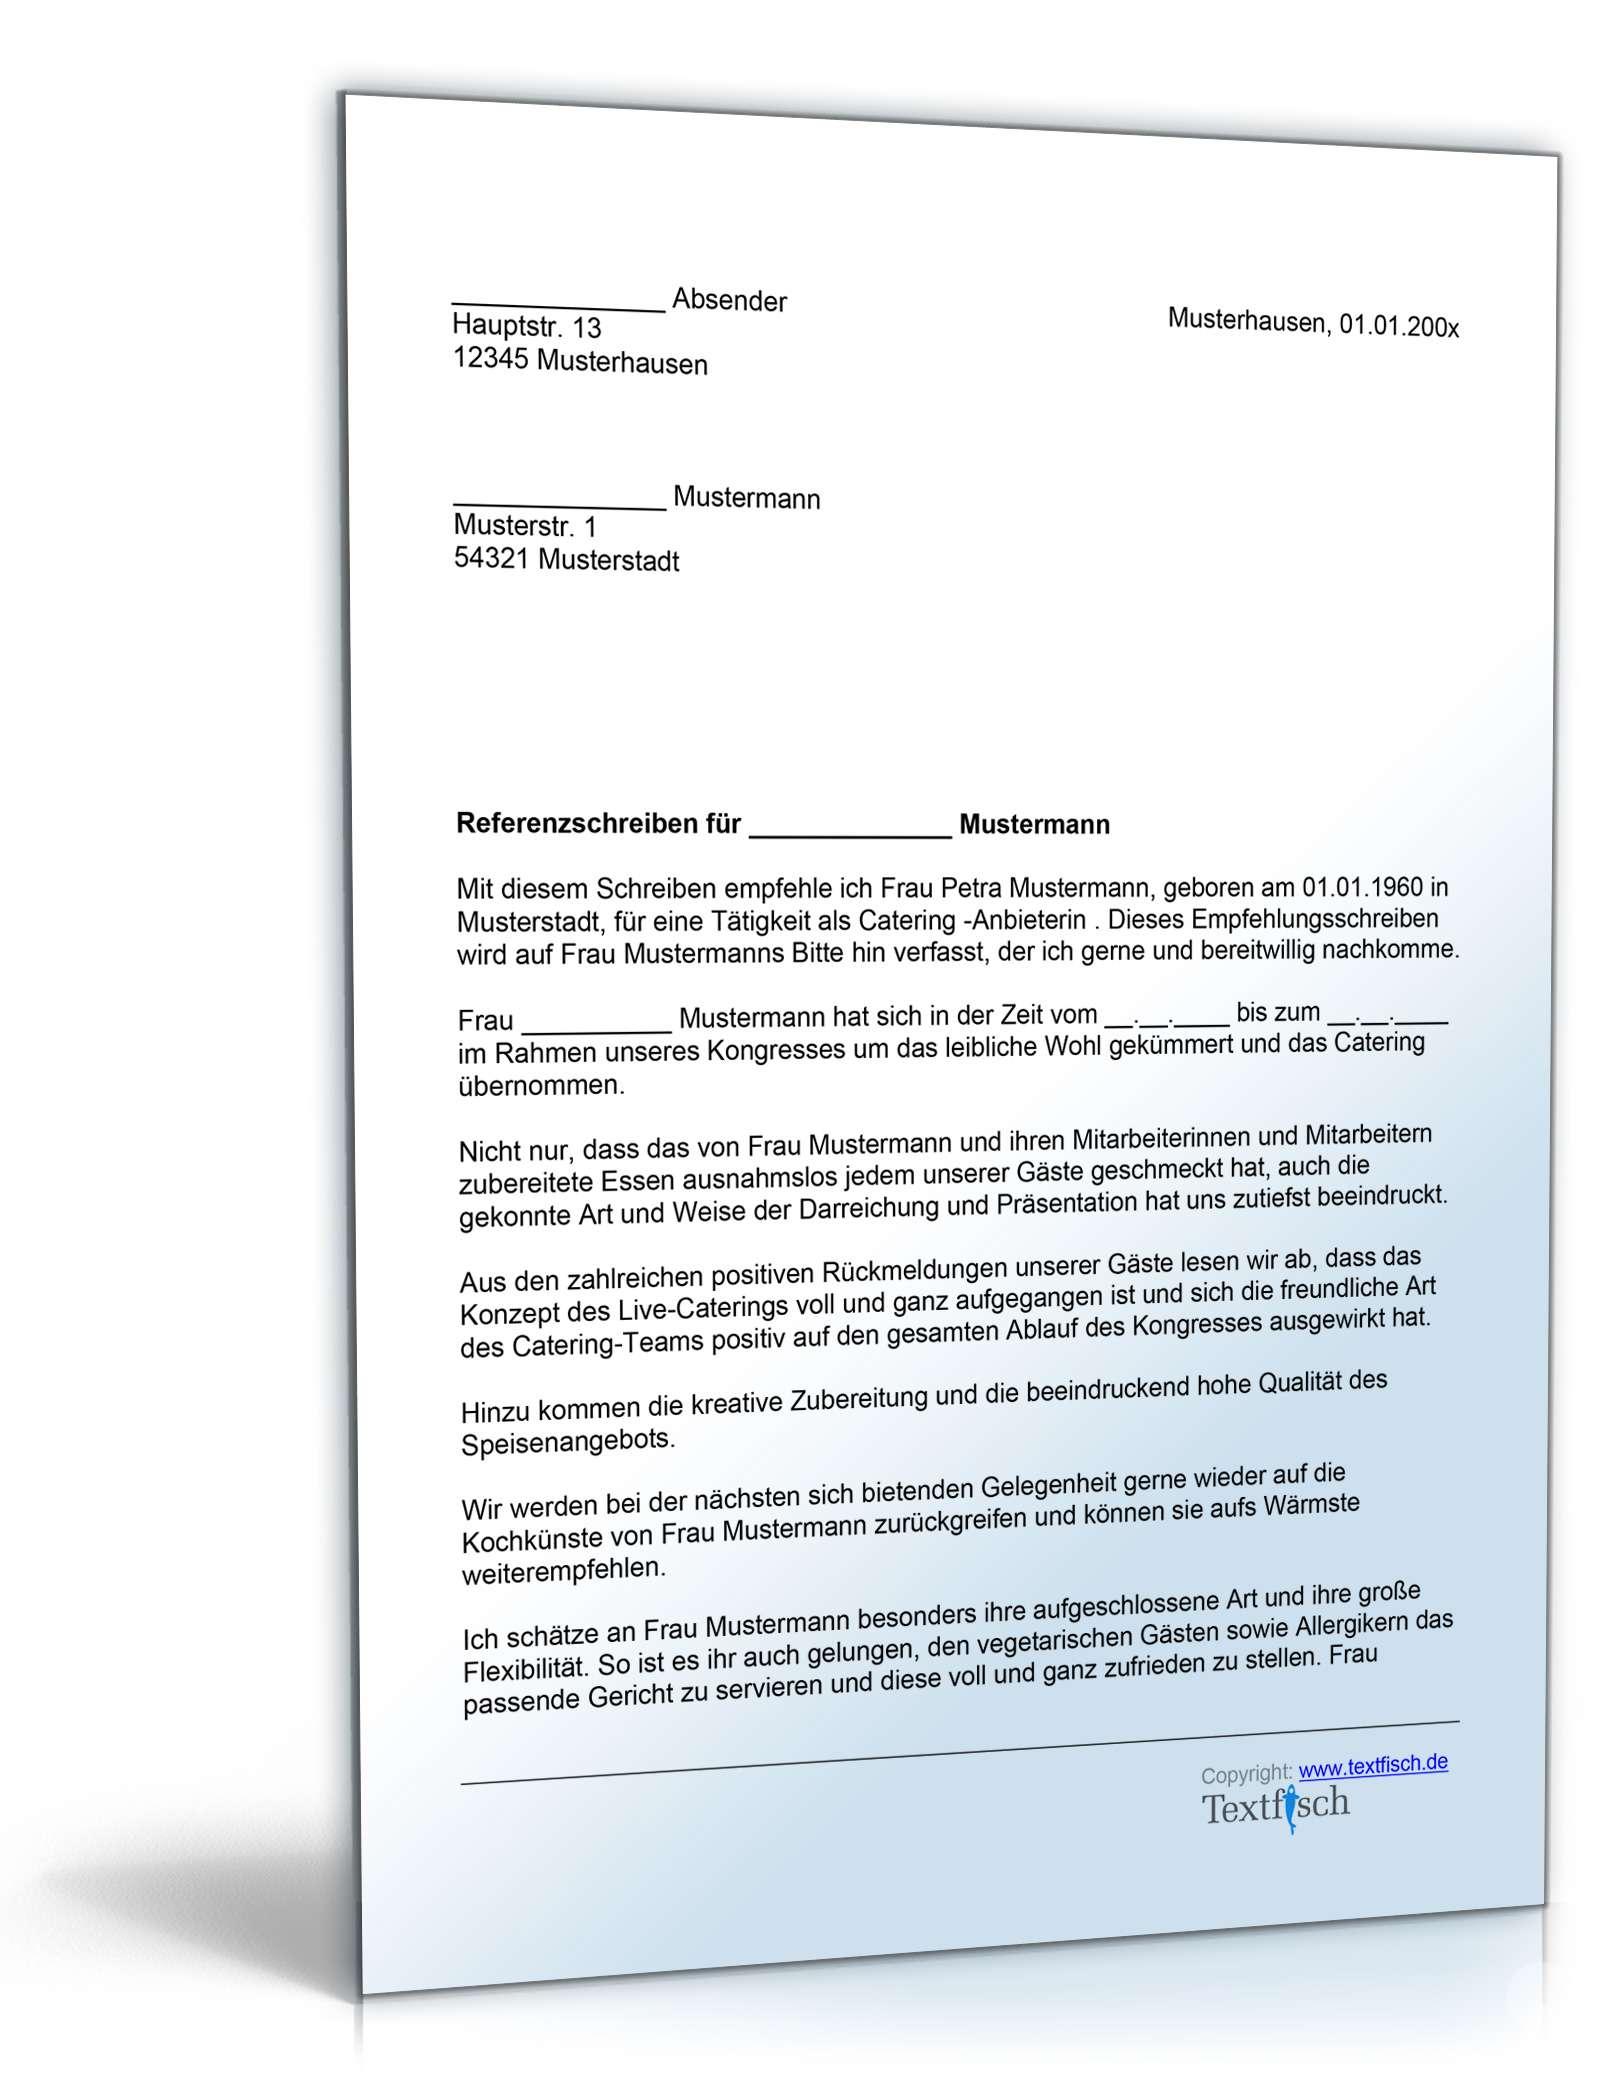 Referenzschreiben für ein Catering - Musterbrief zum Download